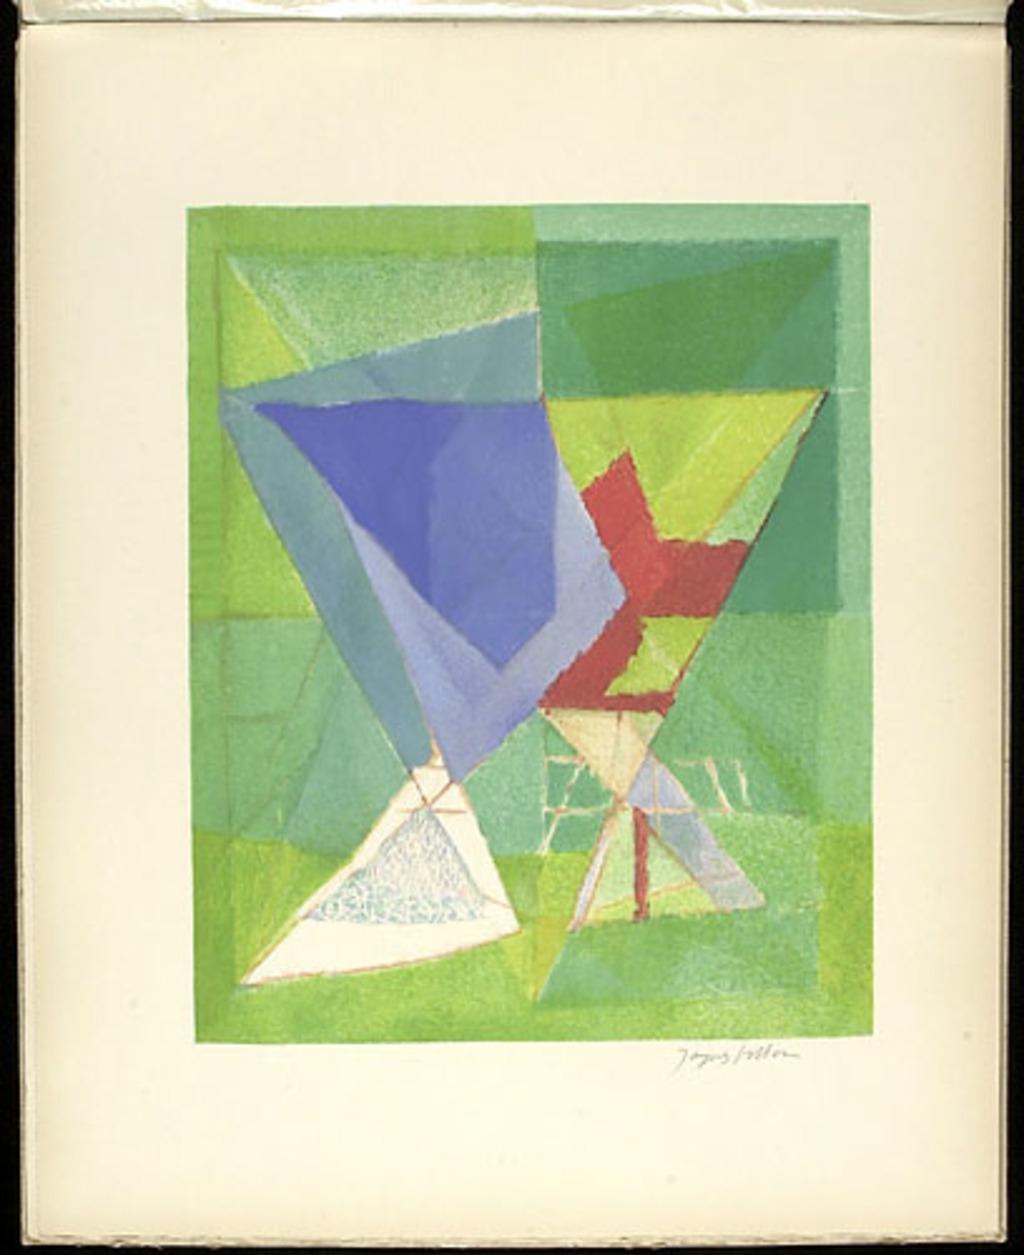 Vers la chimère, du livre illustré «Jacques Villon»